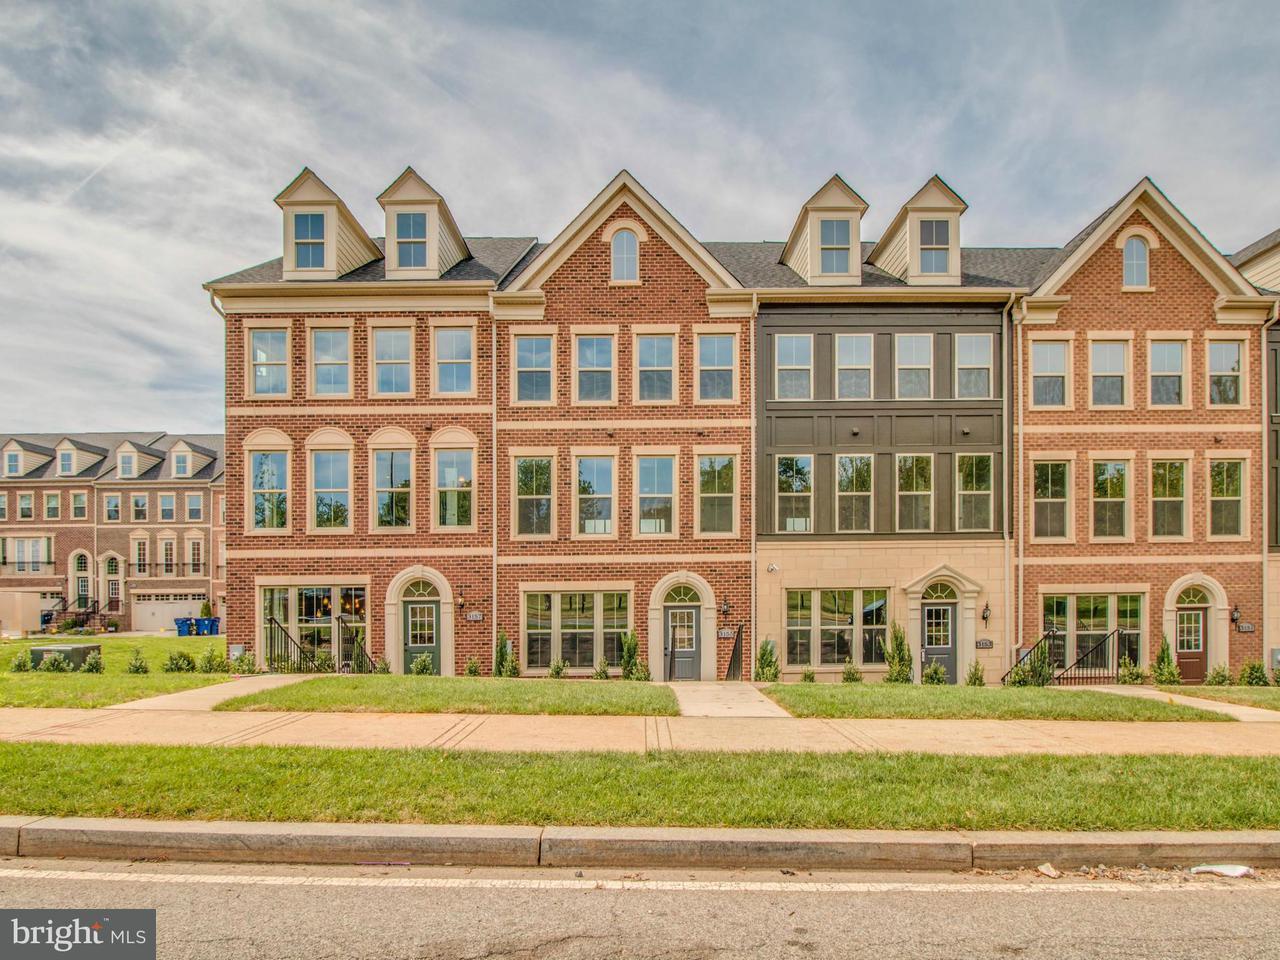 タウンハウス のために 売買 アット 3619 JAMISON ST NE 3619 JAMISON ST NE Washington, コロンビア特別区 20018 アメリカ合衆国